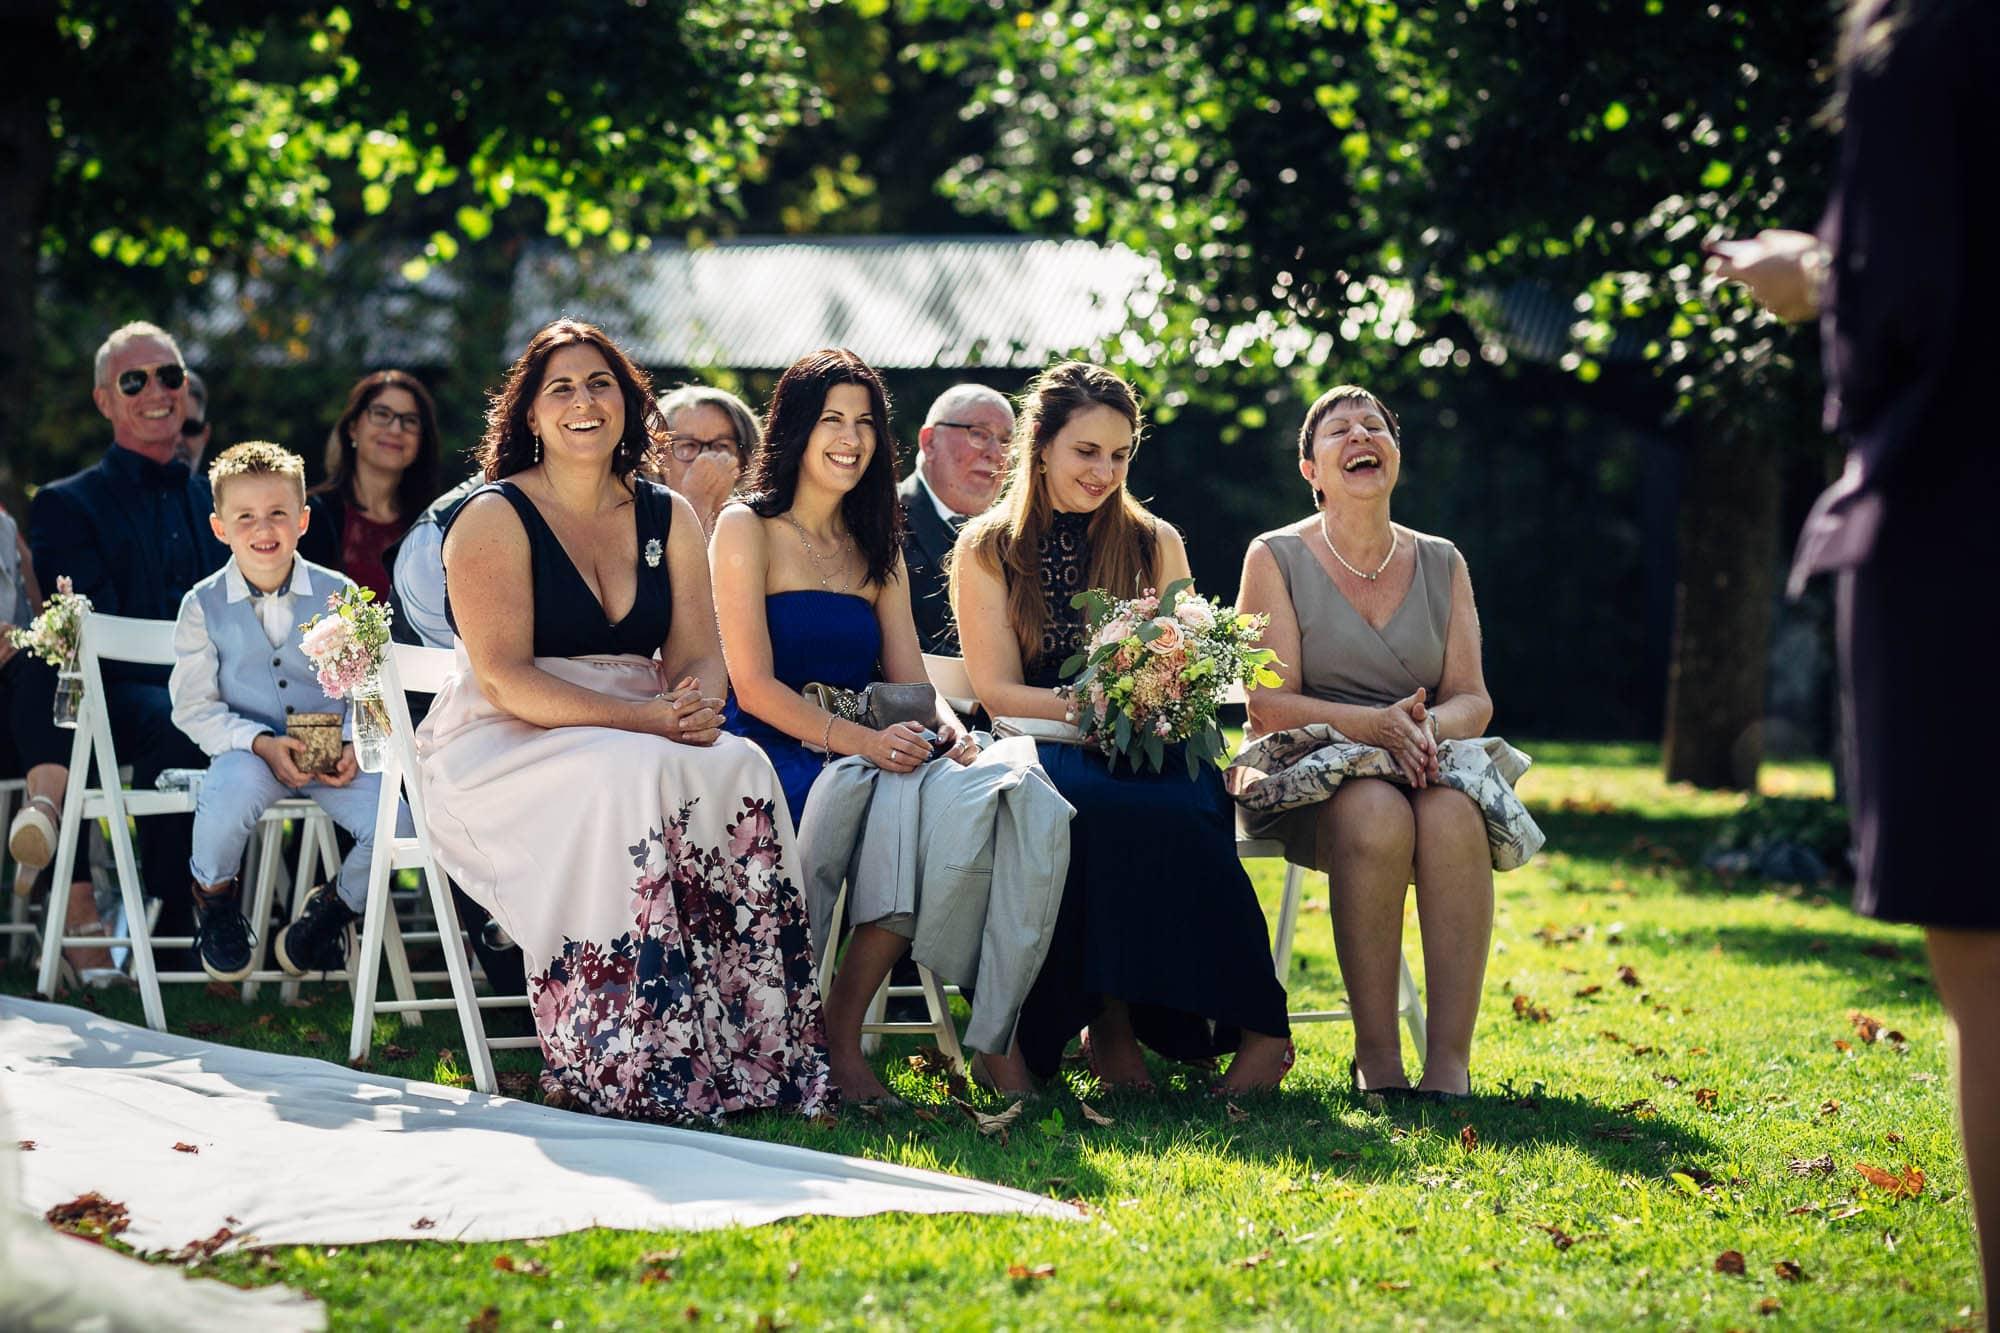 Gäste lachen während freier Trauzeremonie